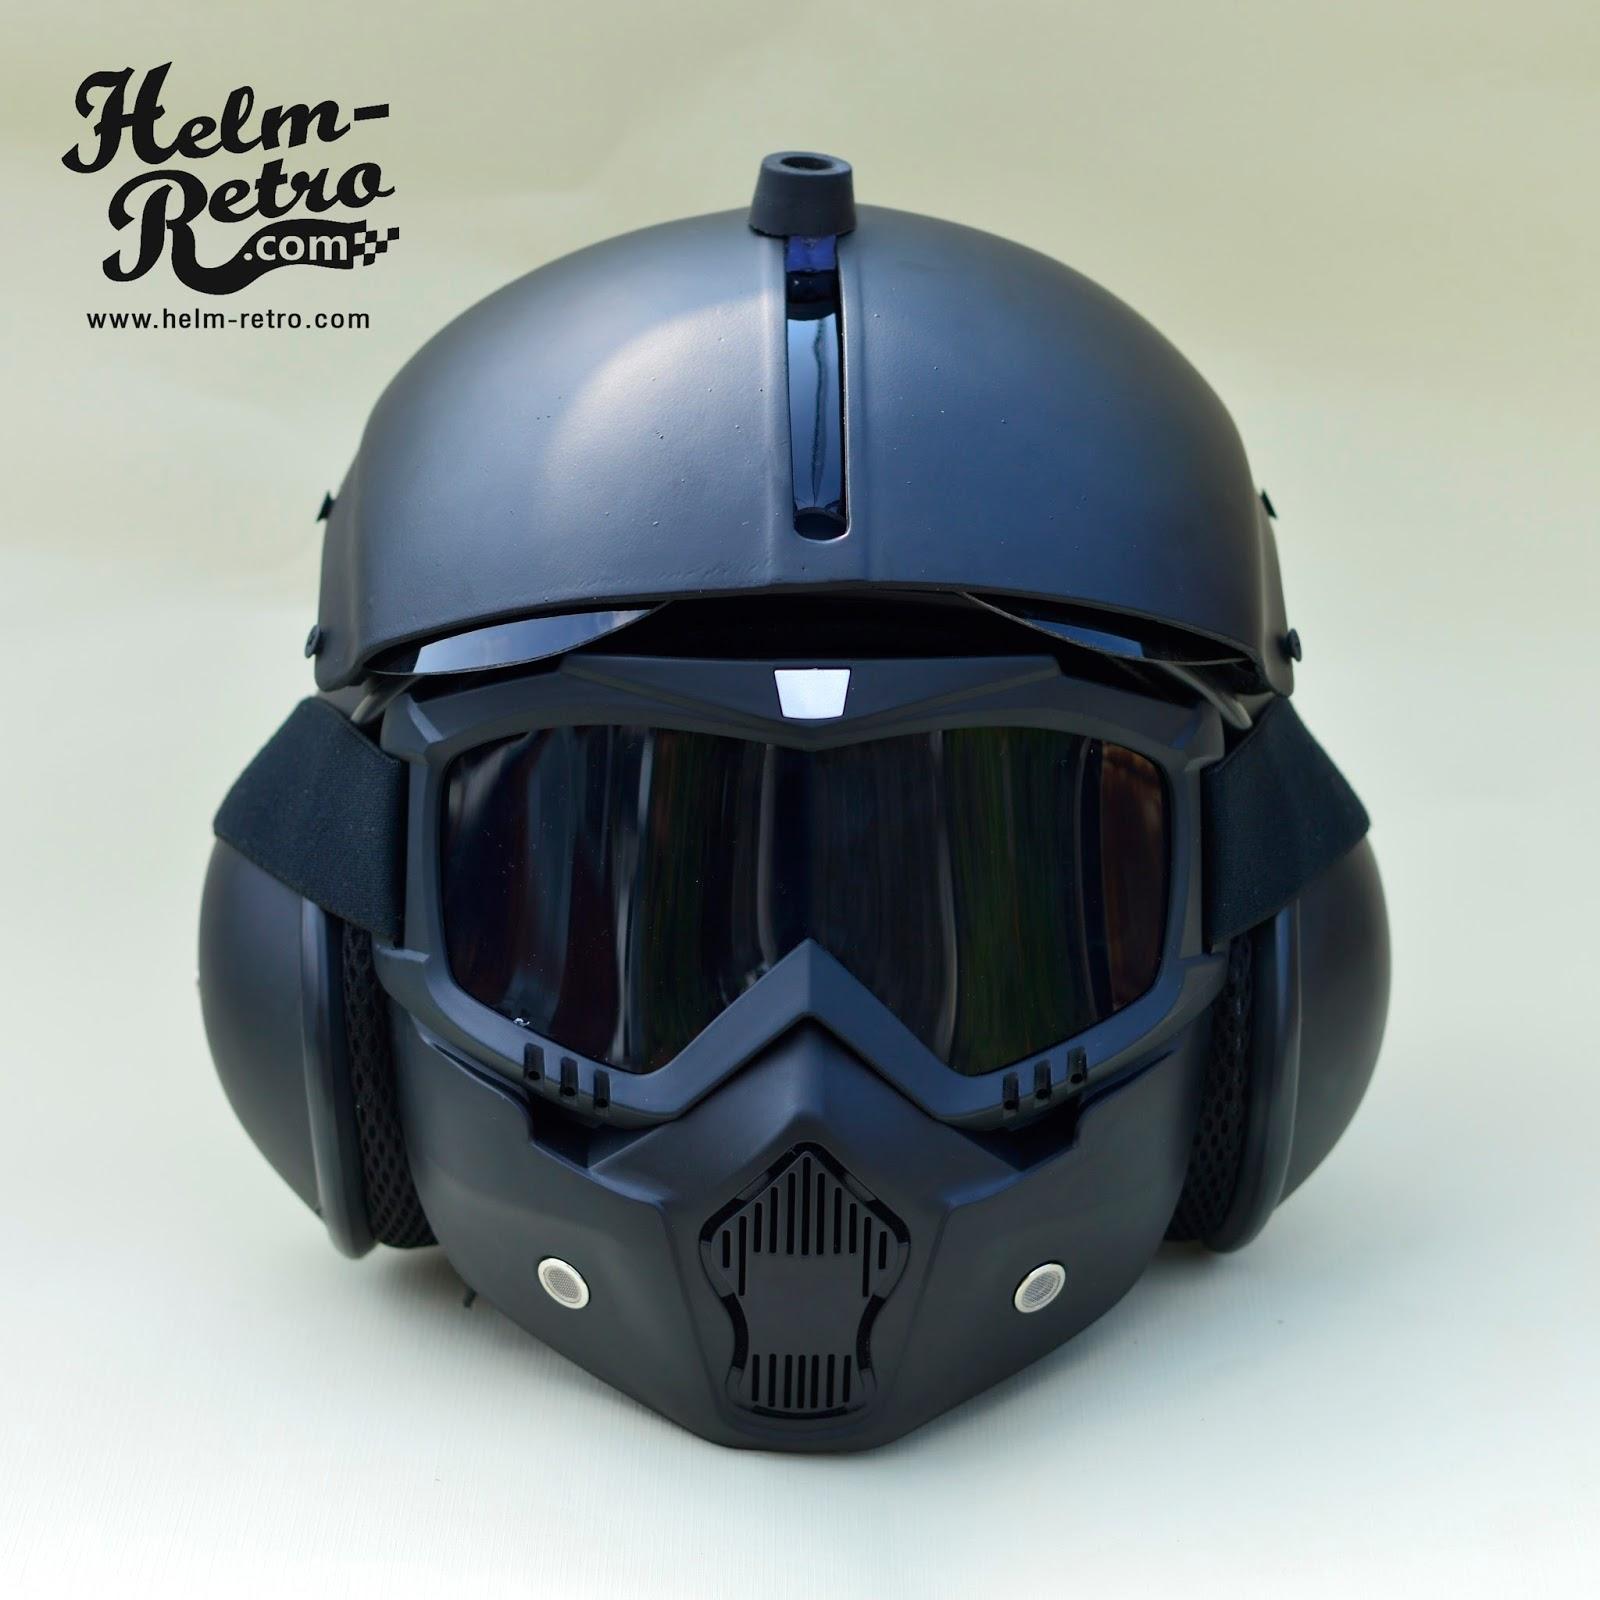 Helm Retro  Helm Retro Pilot  Helm Retro Bogo